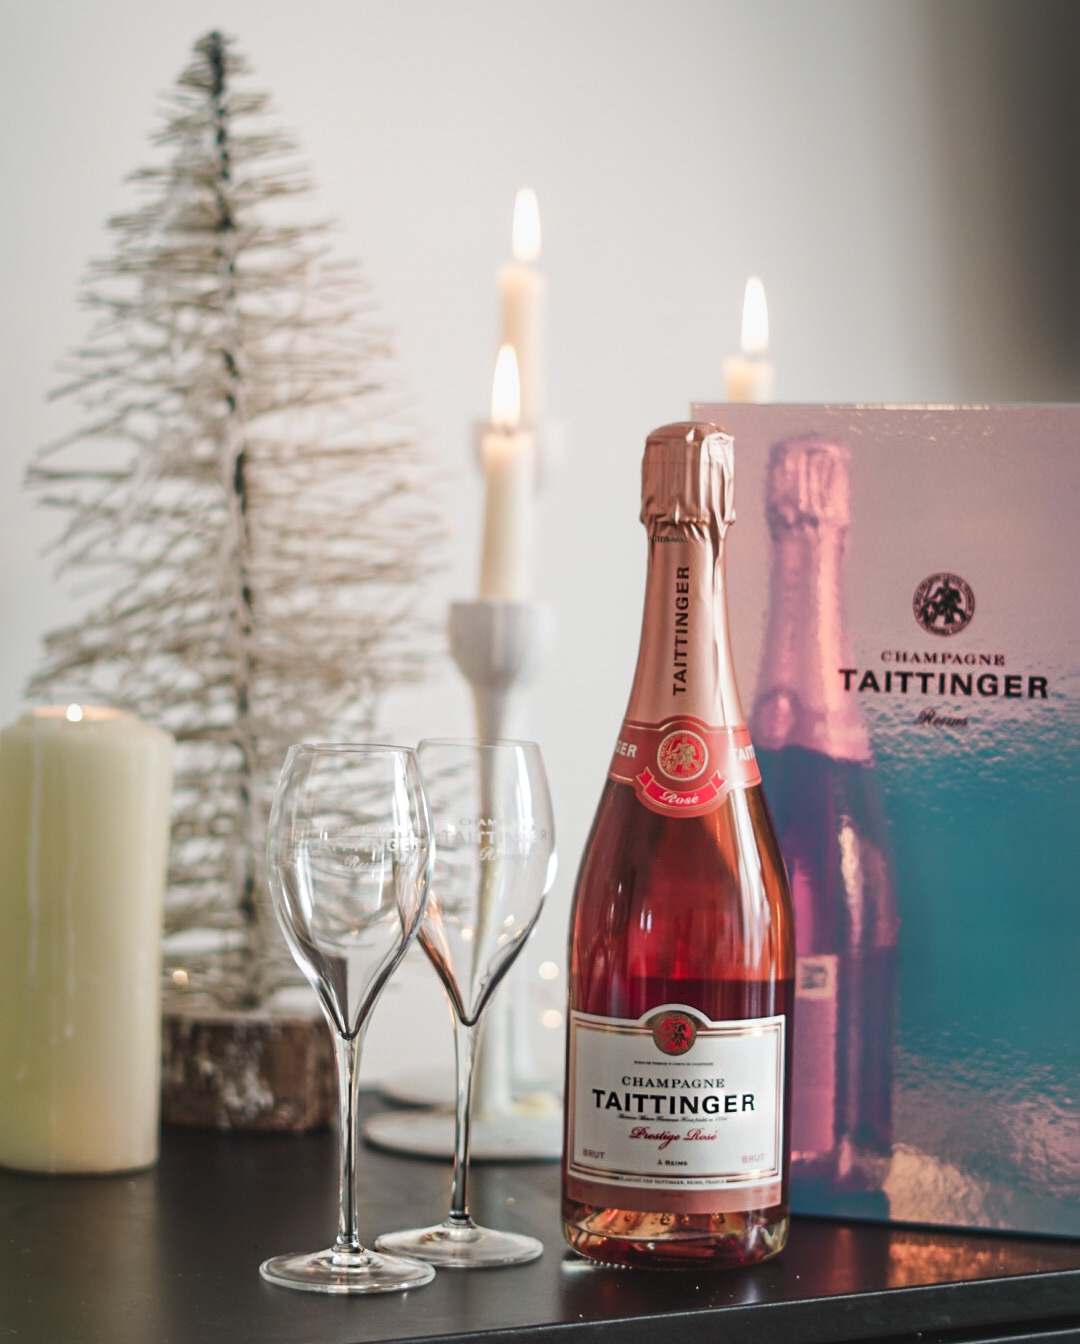 O'Briens Wine Taittinger Champagne Christmas gift set